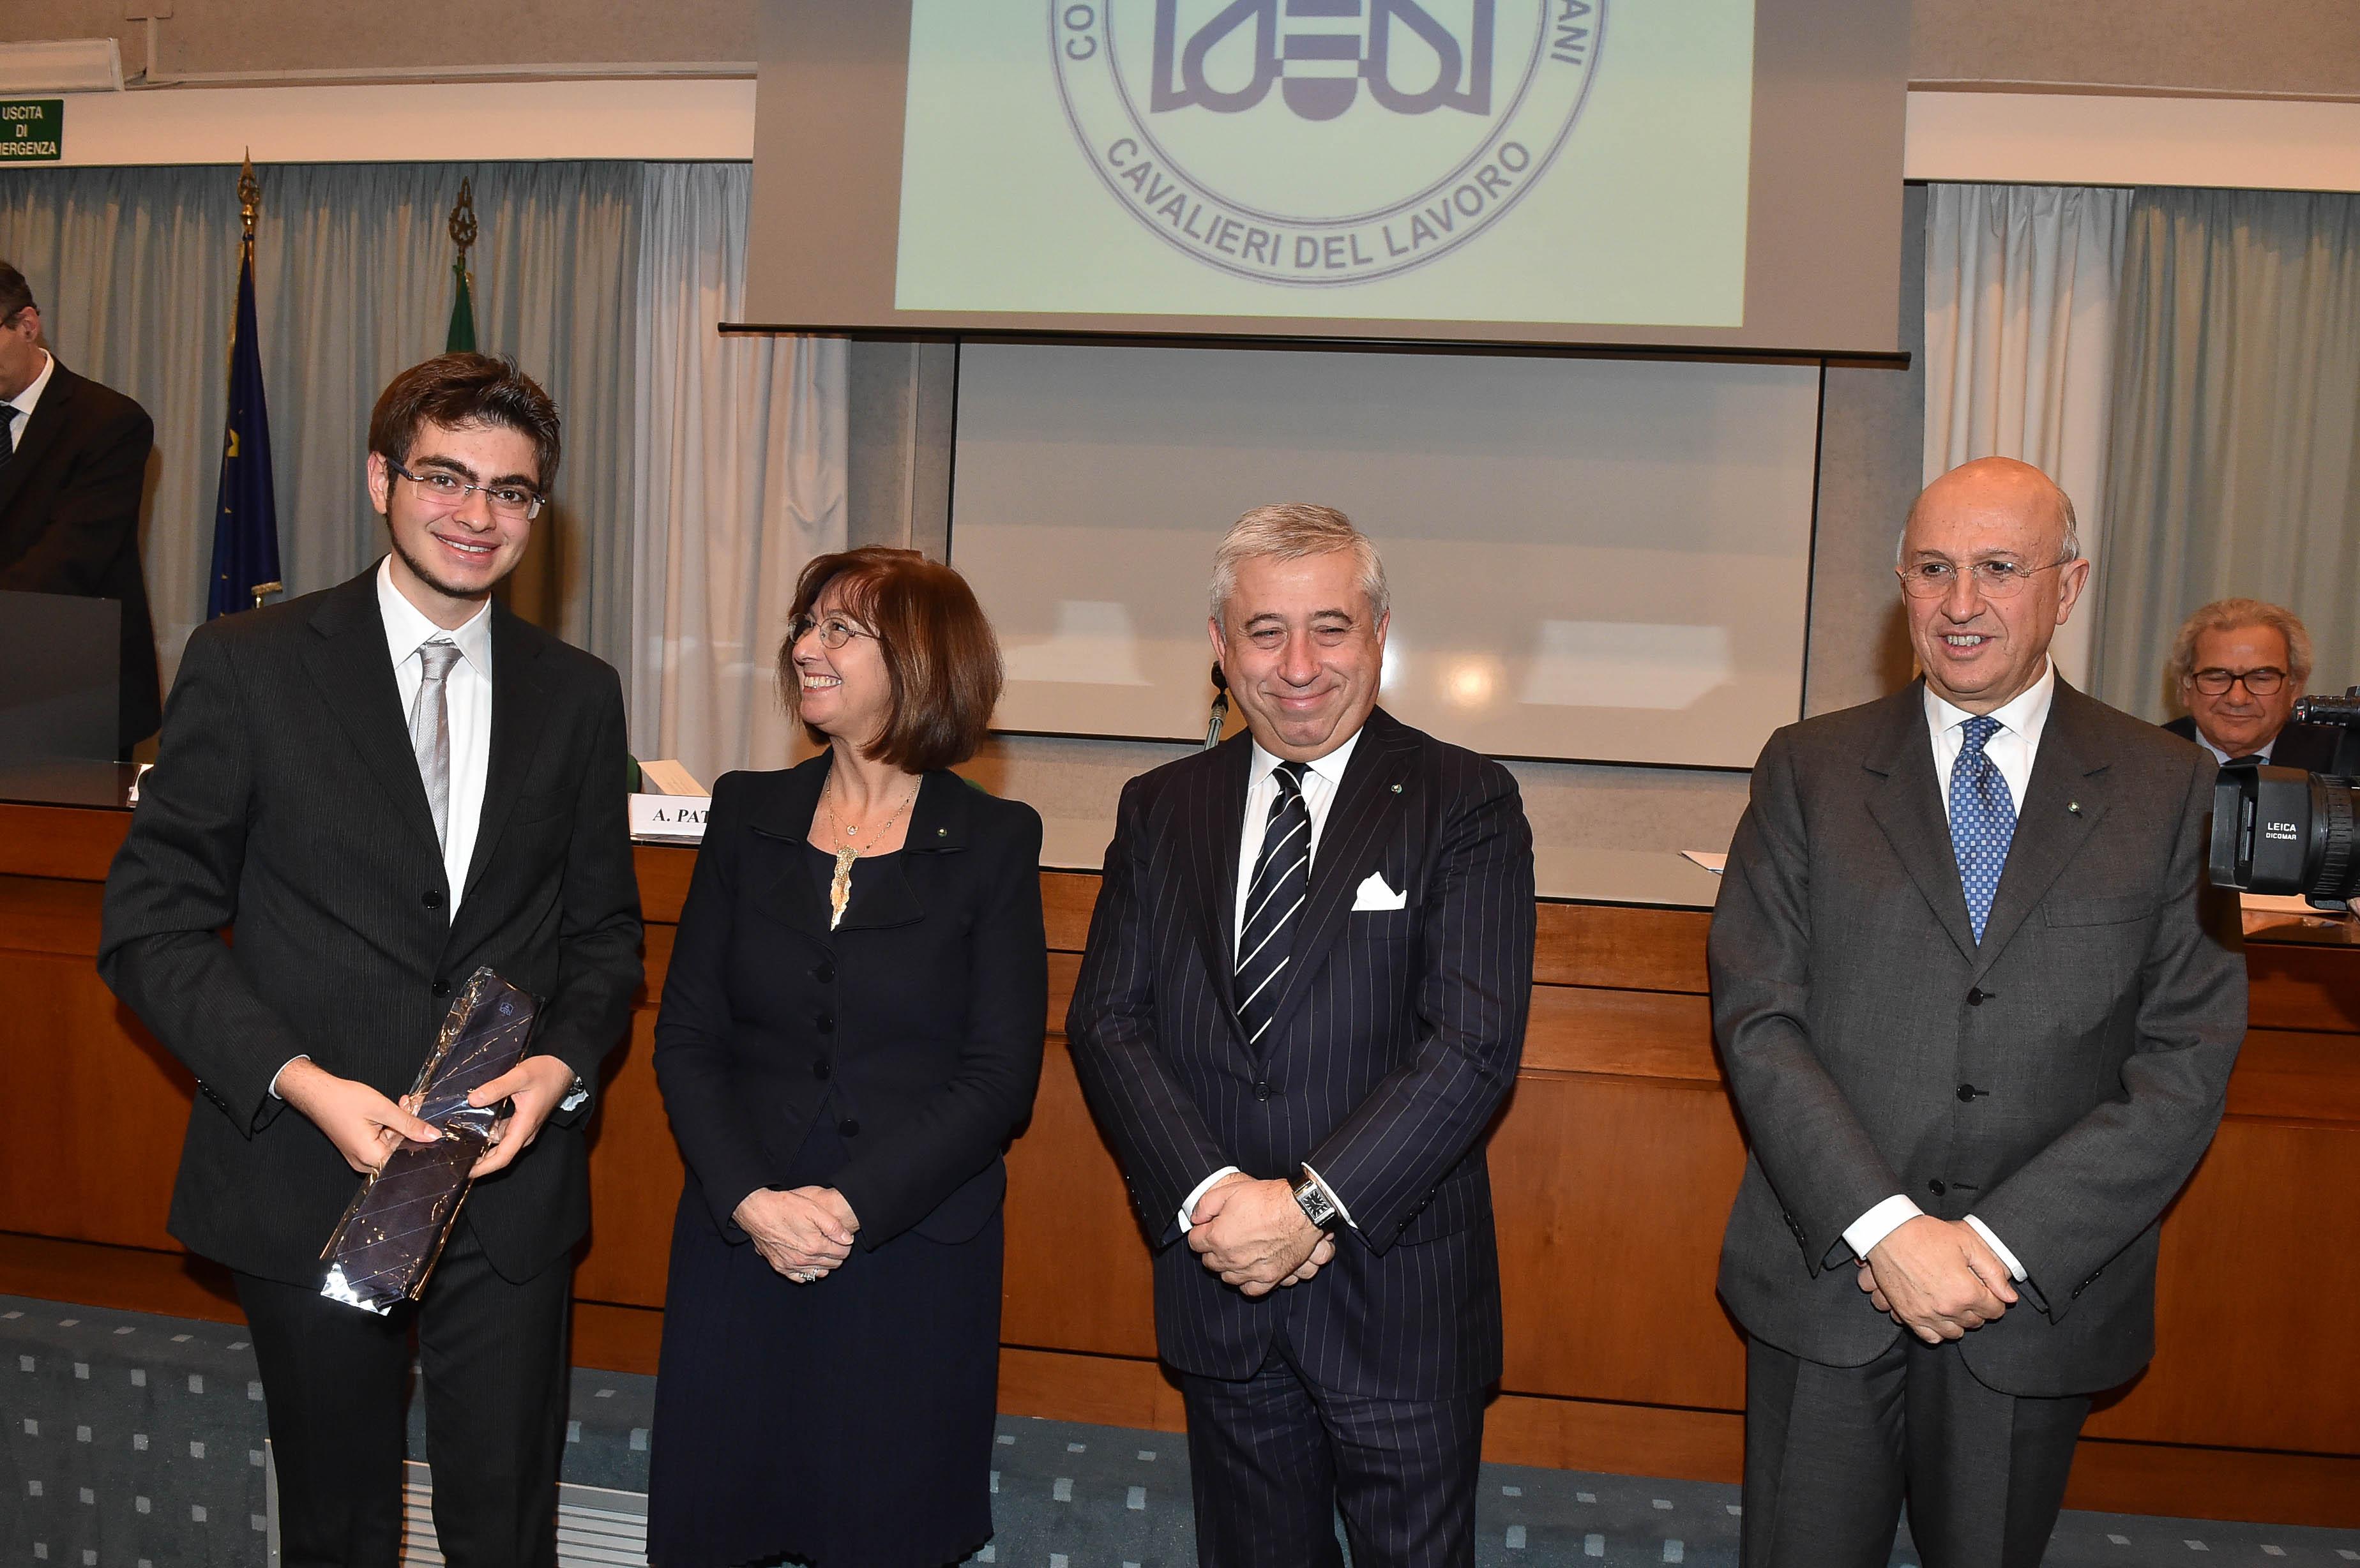 Collegio Inaugurazione a.a. 2015 da six, Valente, Gilli, D'Amato, Patuelli